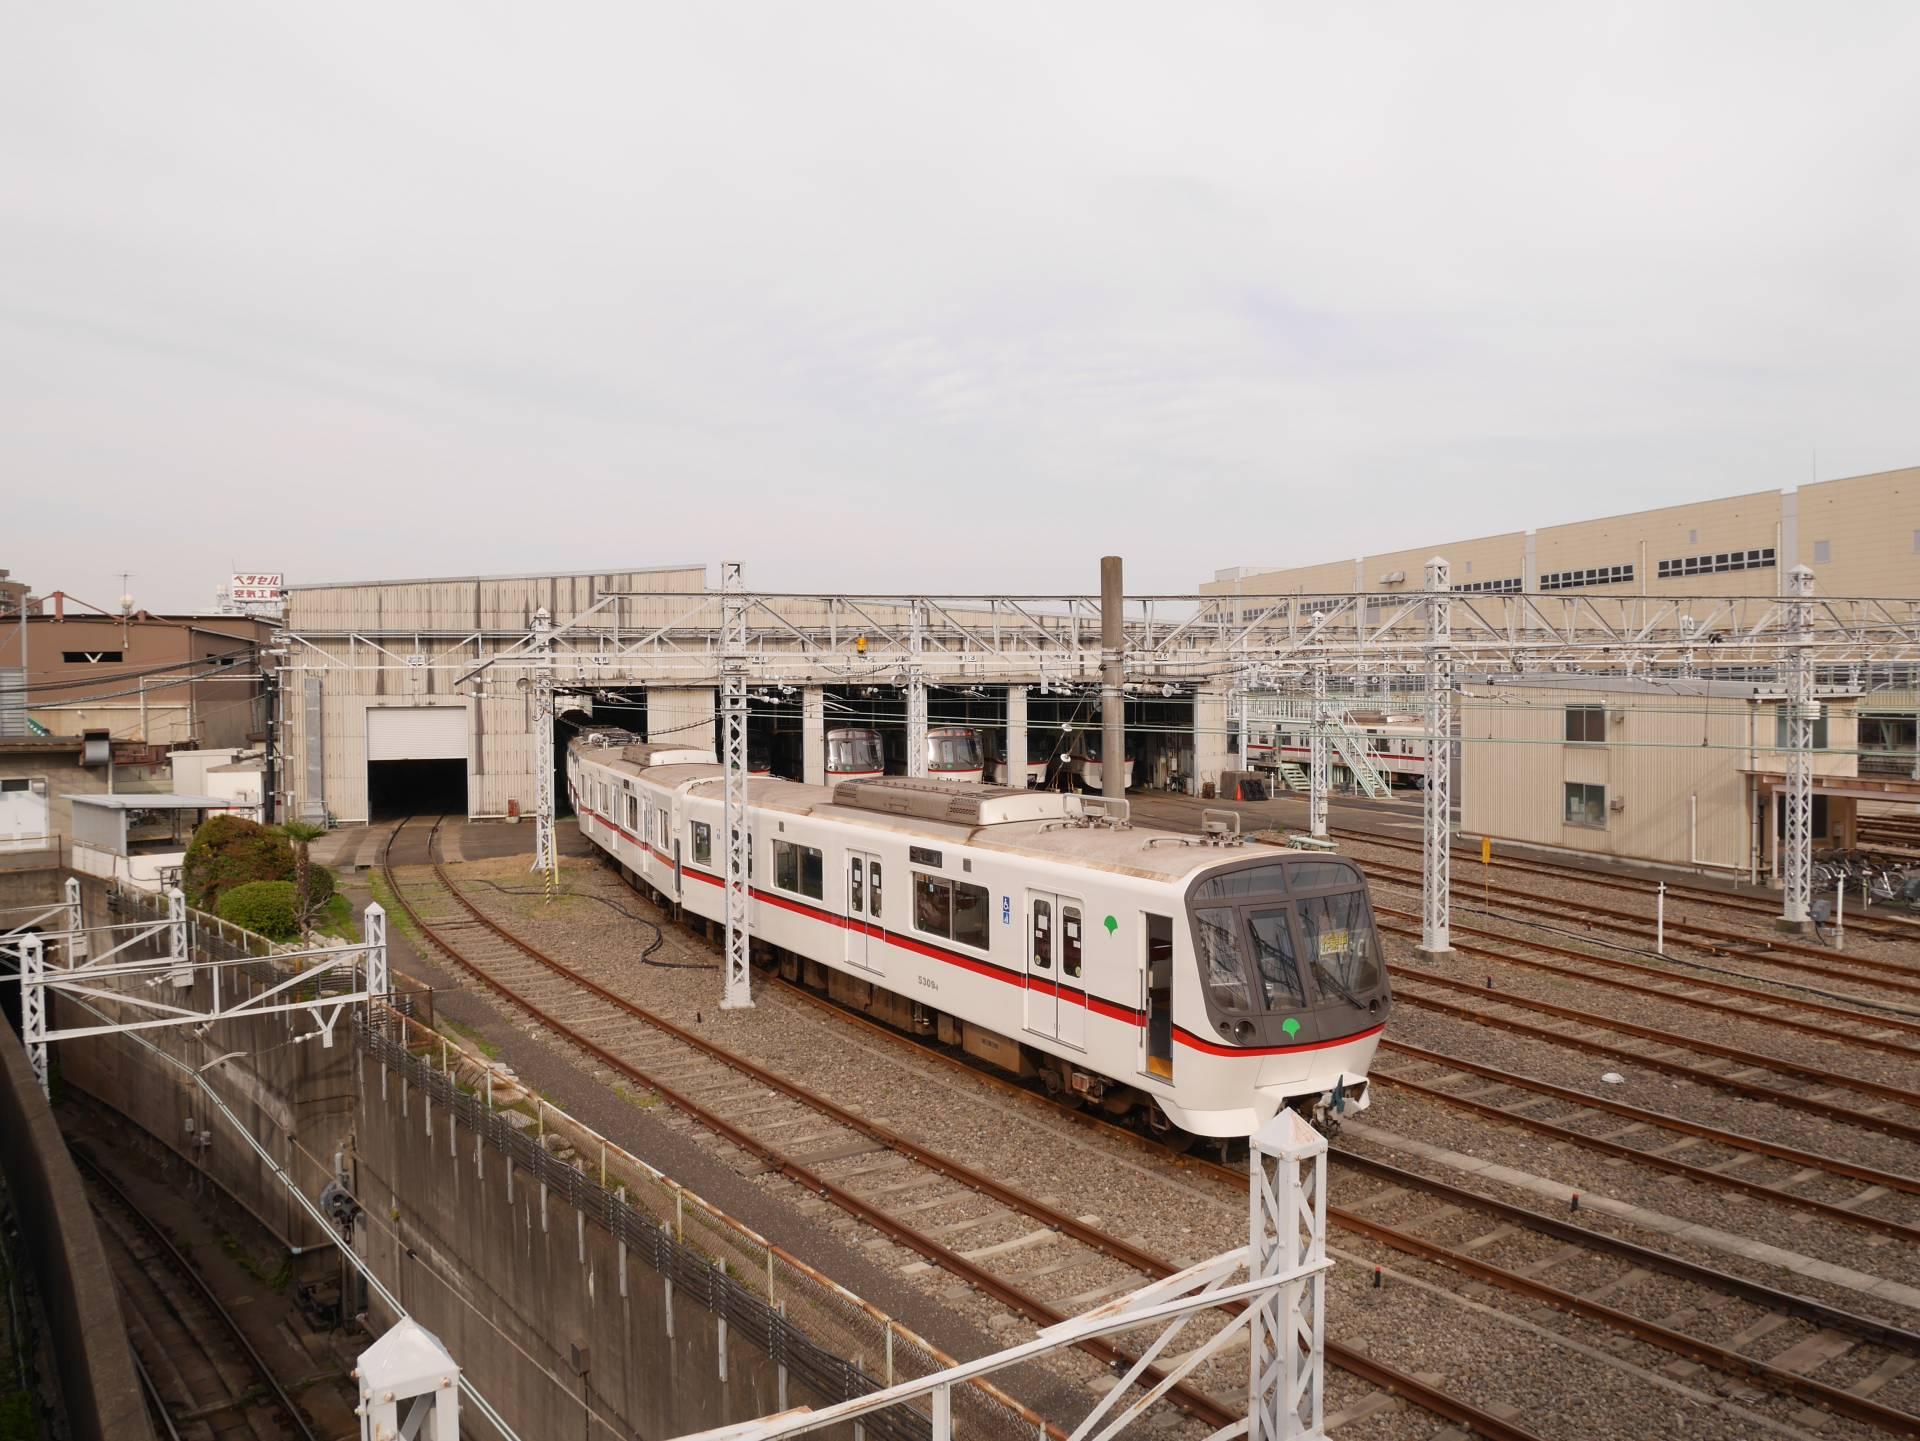 横跨「浅草线马込车辆检收场」上方的人行天桥